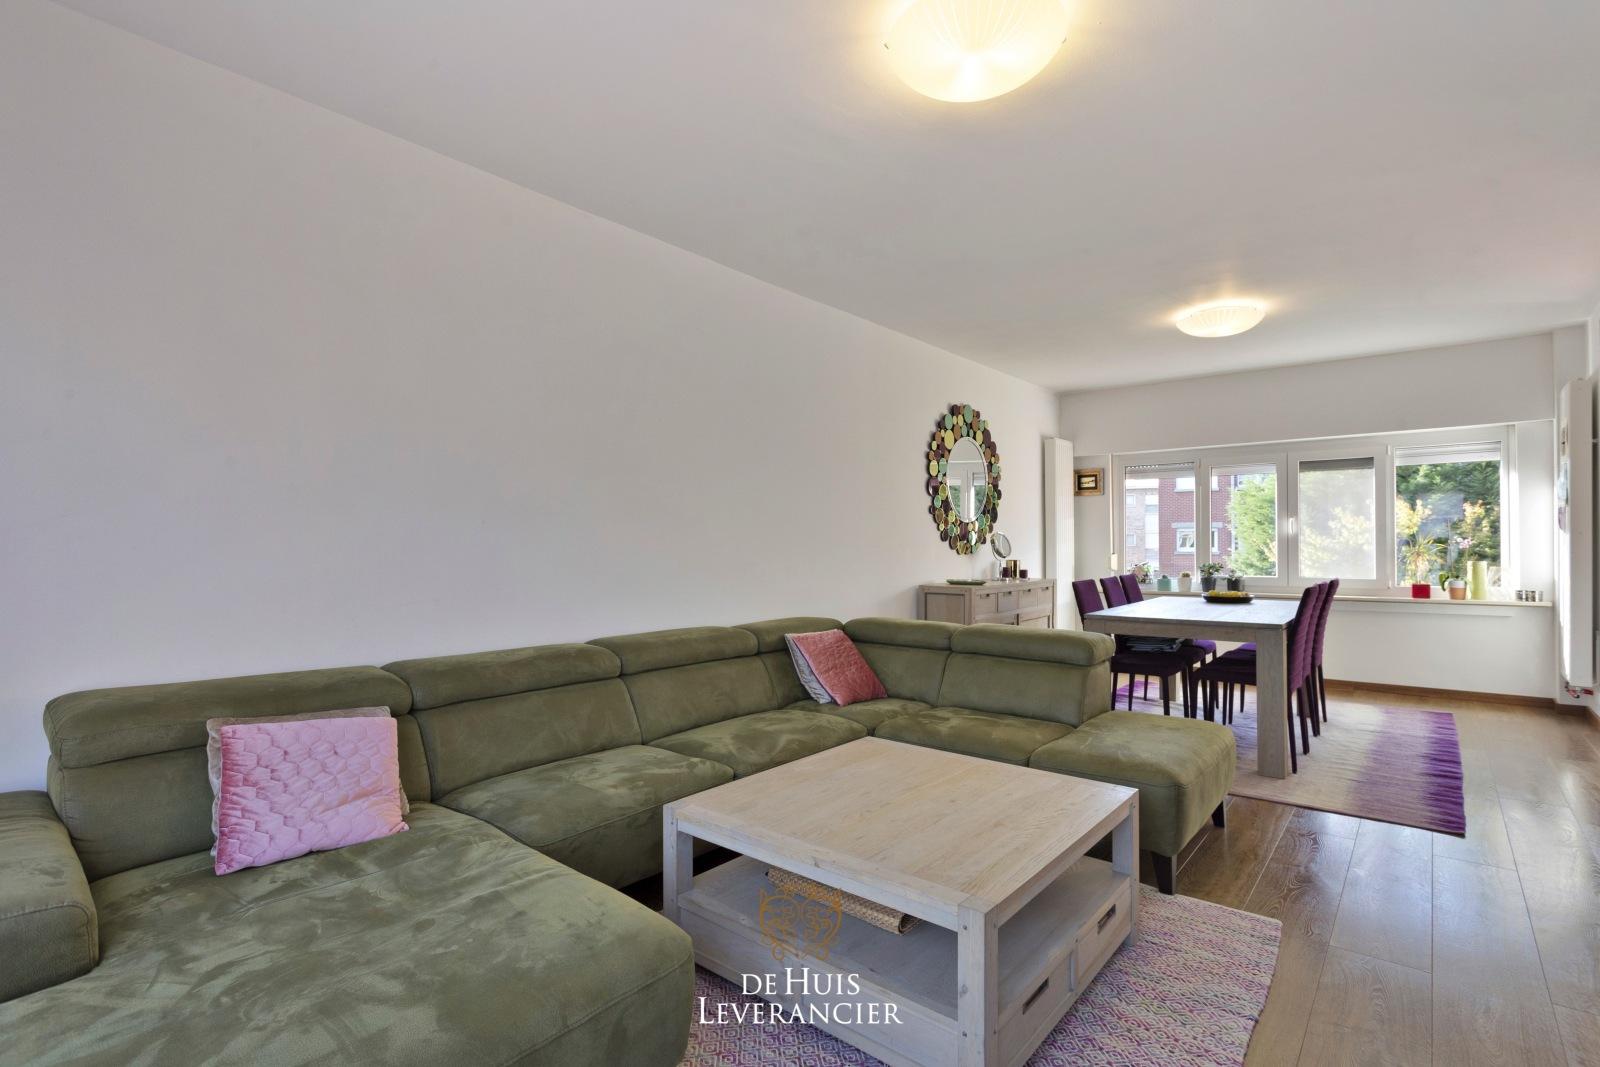 Bel-étage Kontich 2550